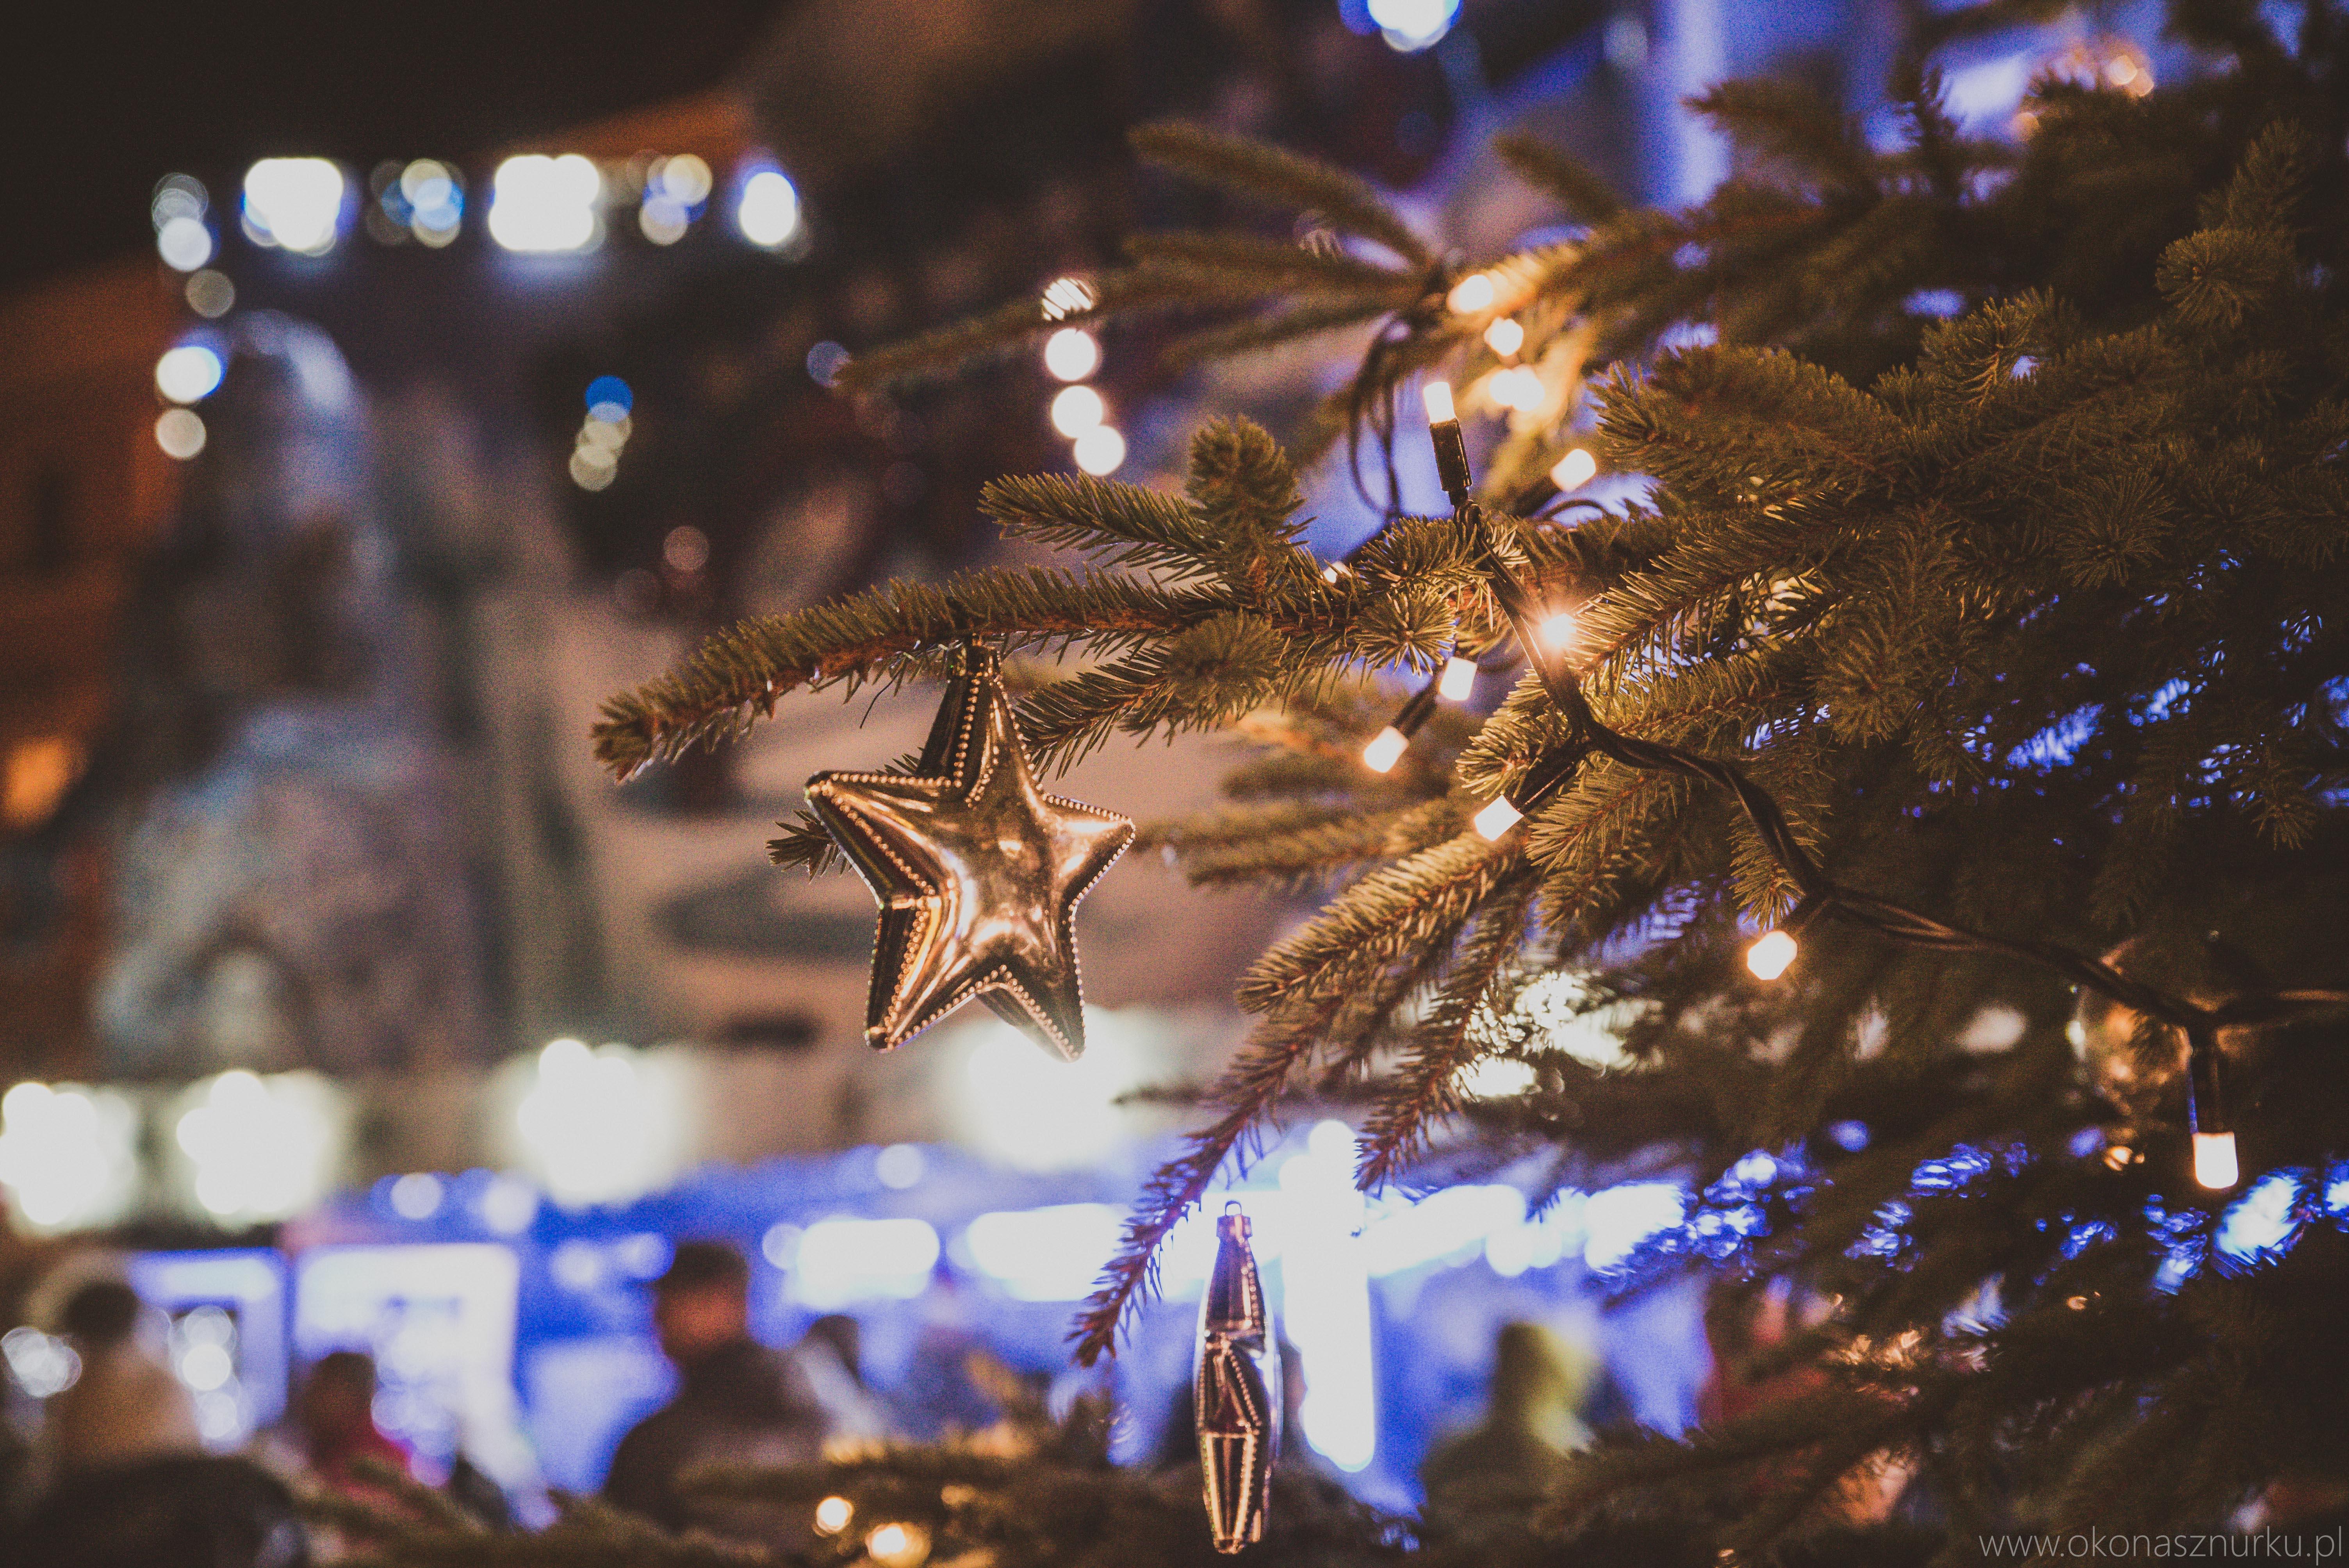 jarmark-bozonarodzeniowy-christmas-market-wroclaw (27)